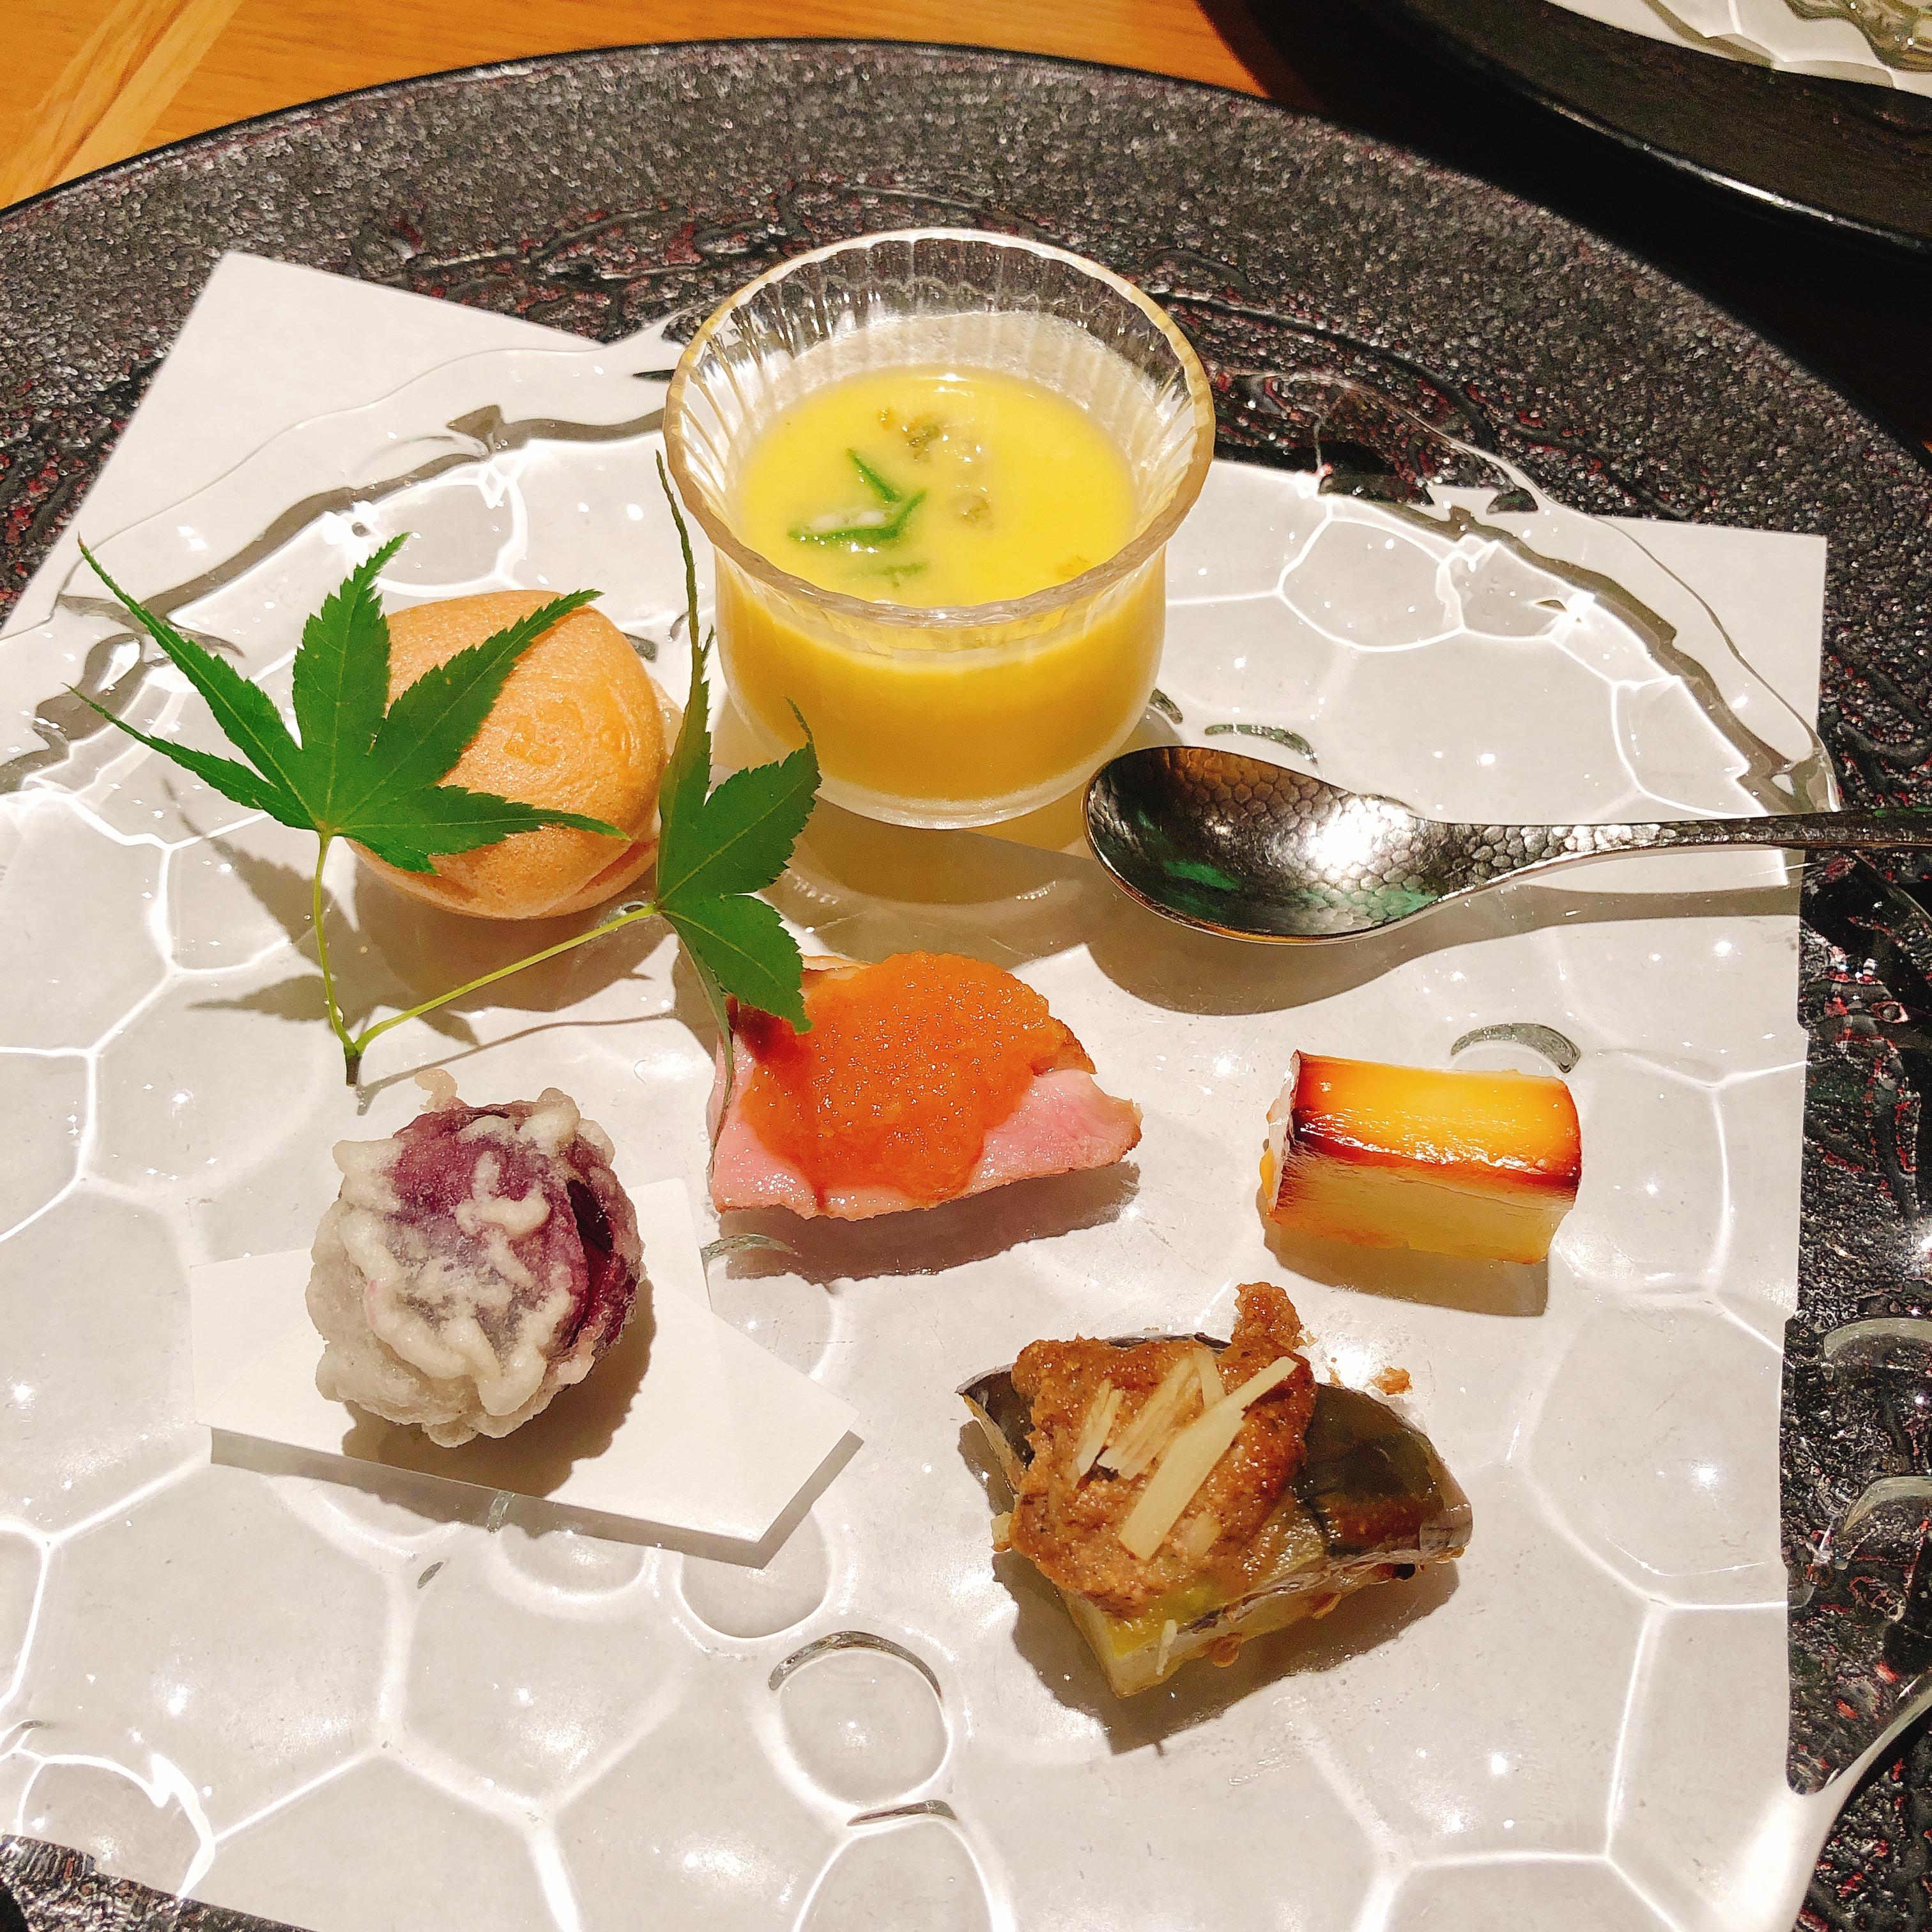 料理の鉄人!道場六三郎先生の「懐食みちば」で楽しむ会席ランチ・・・・